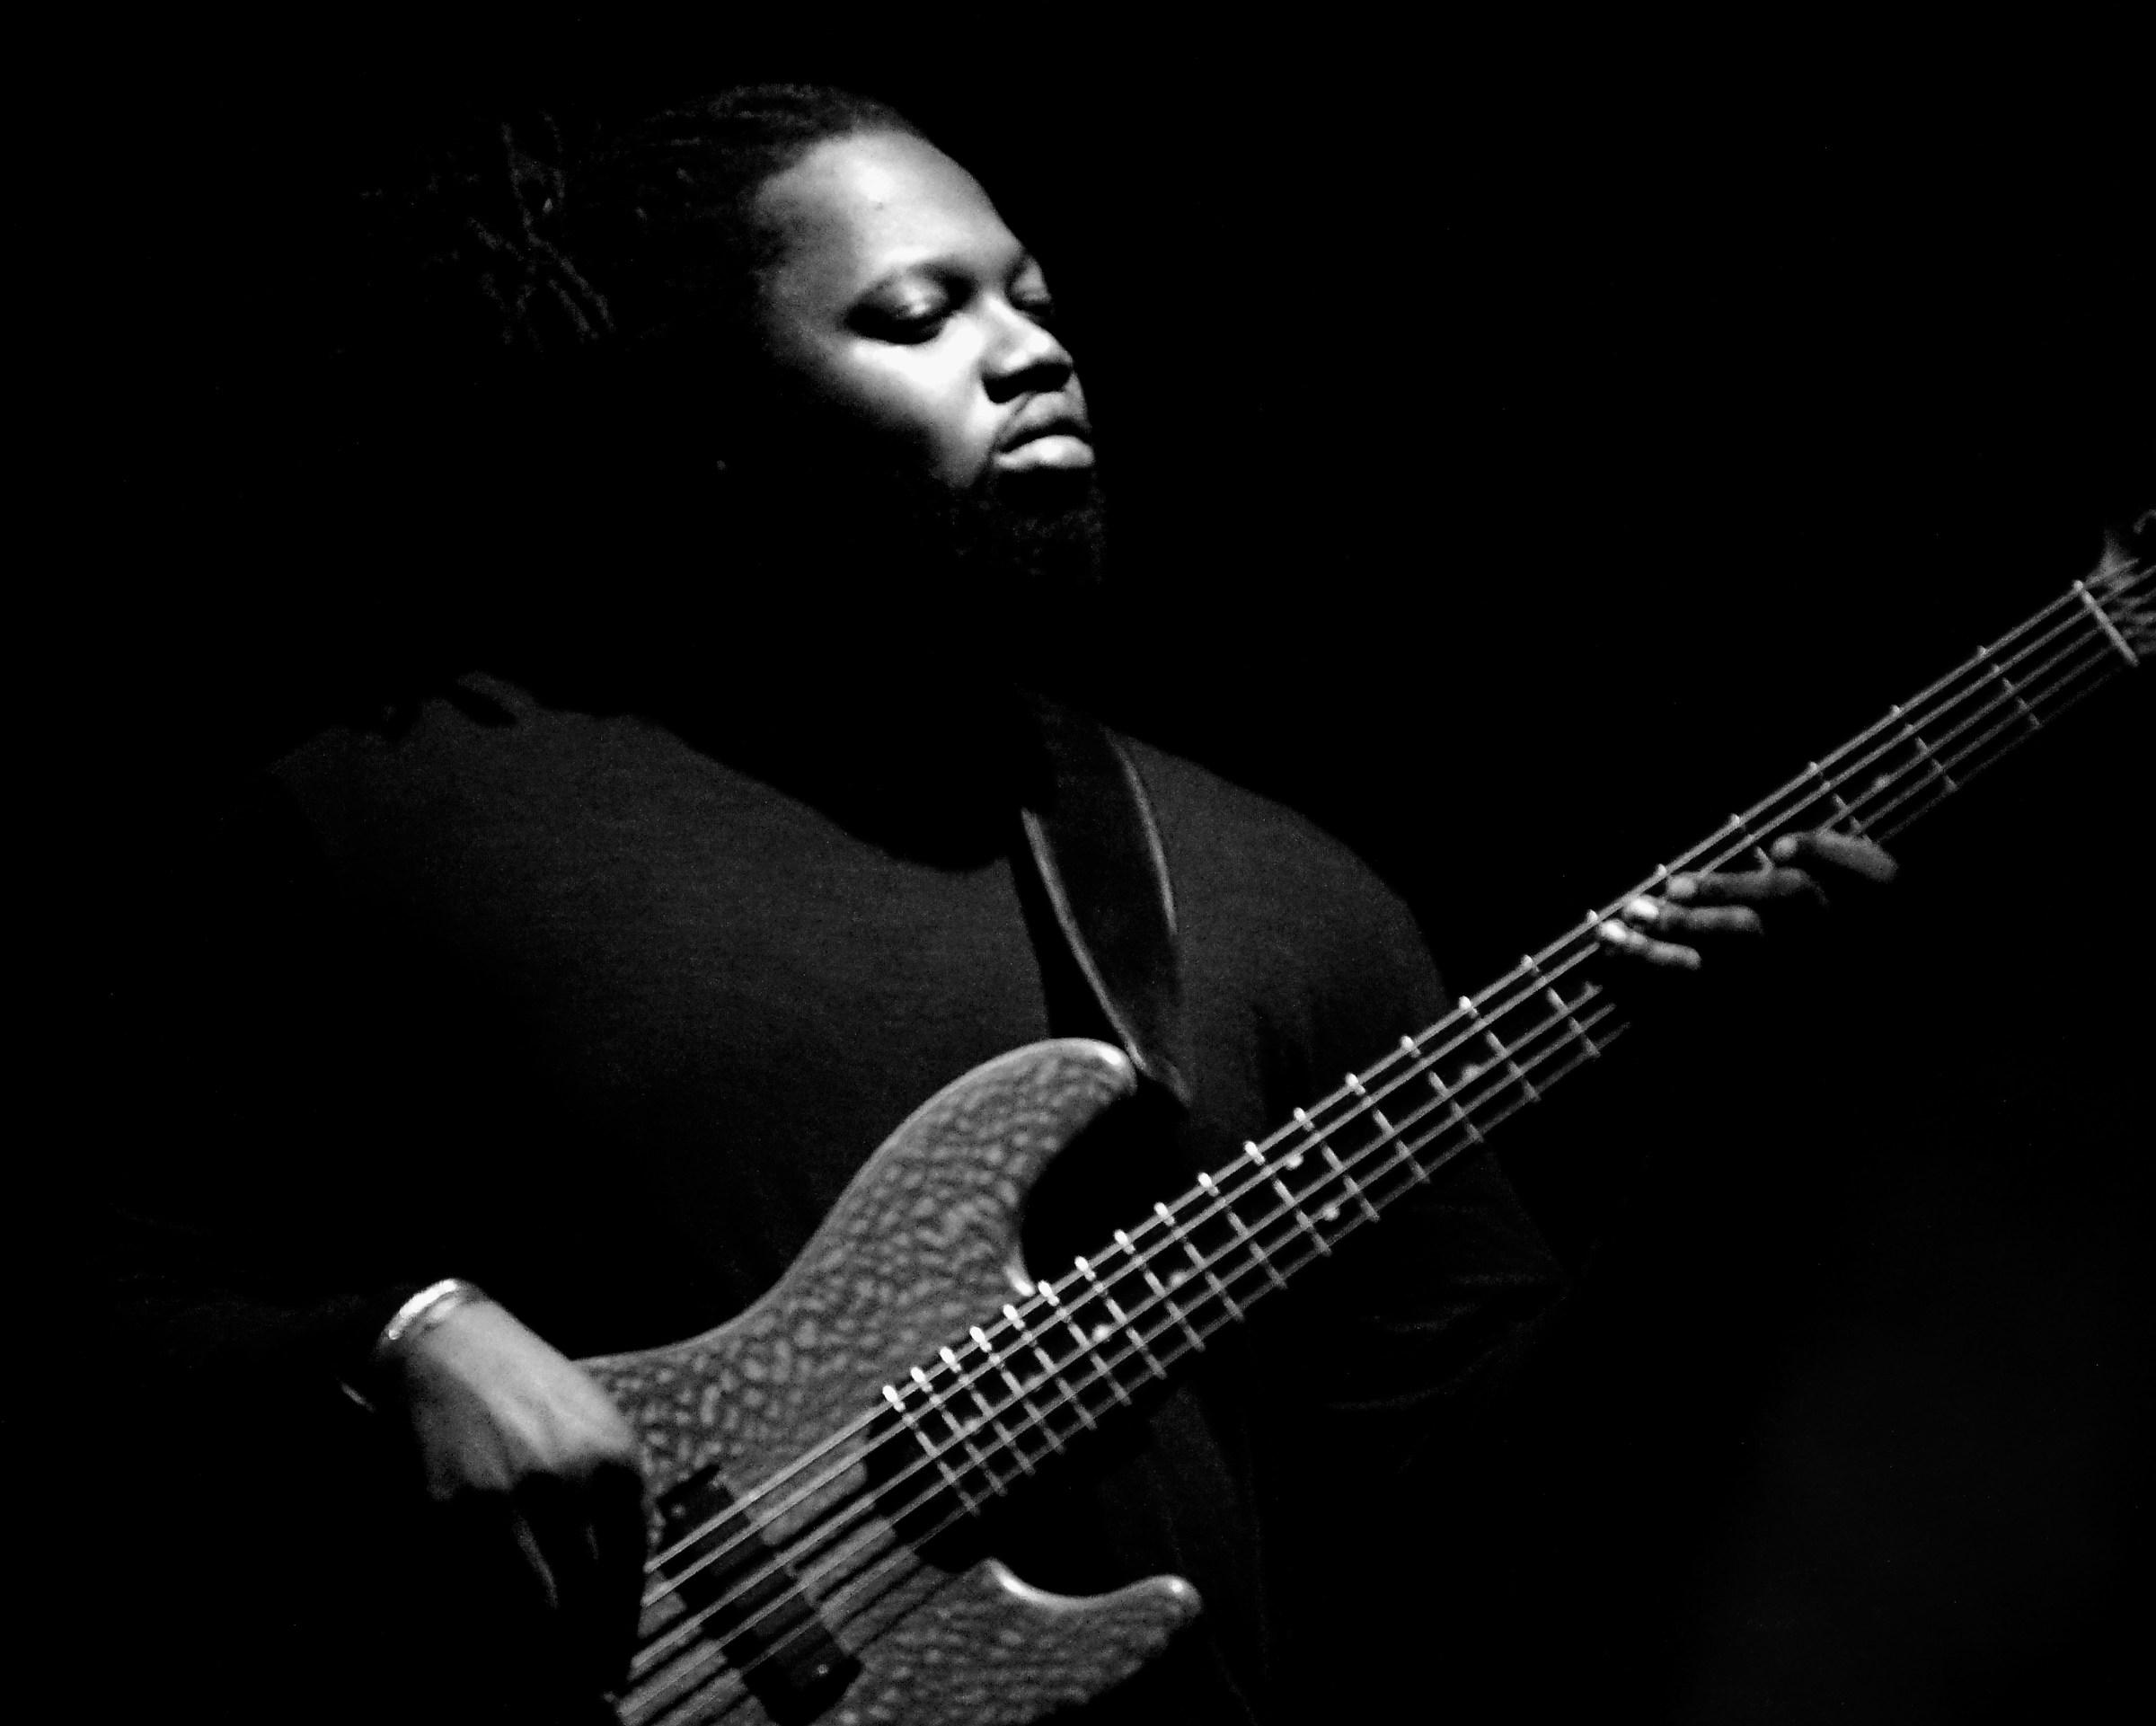 Bass guitar player...